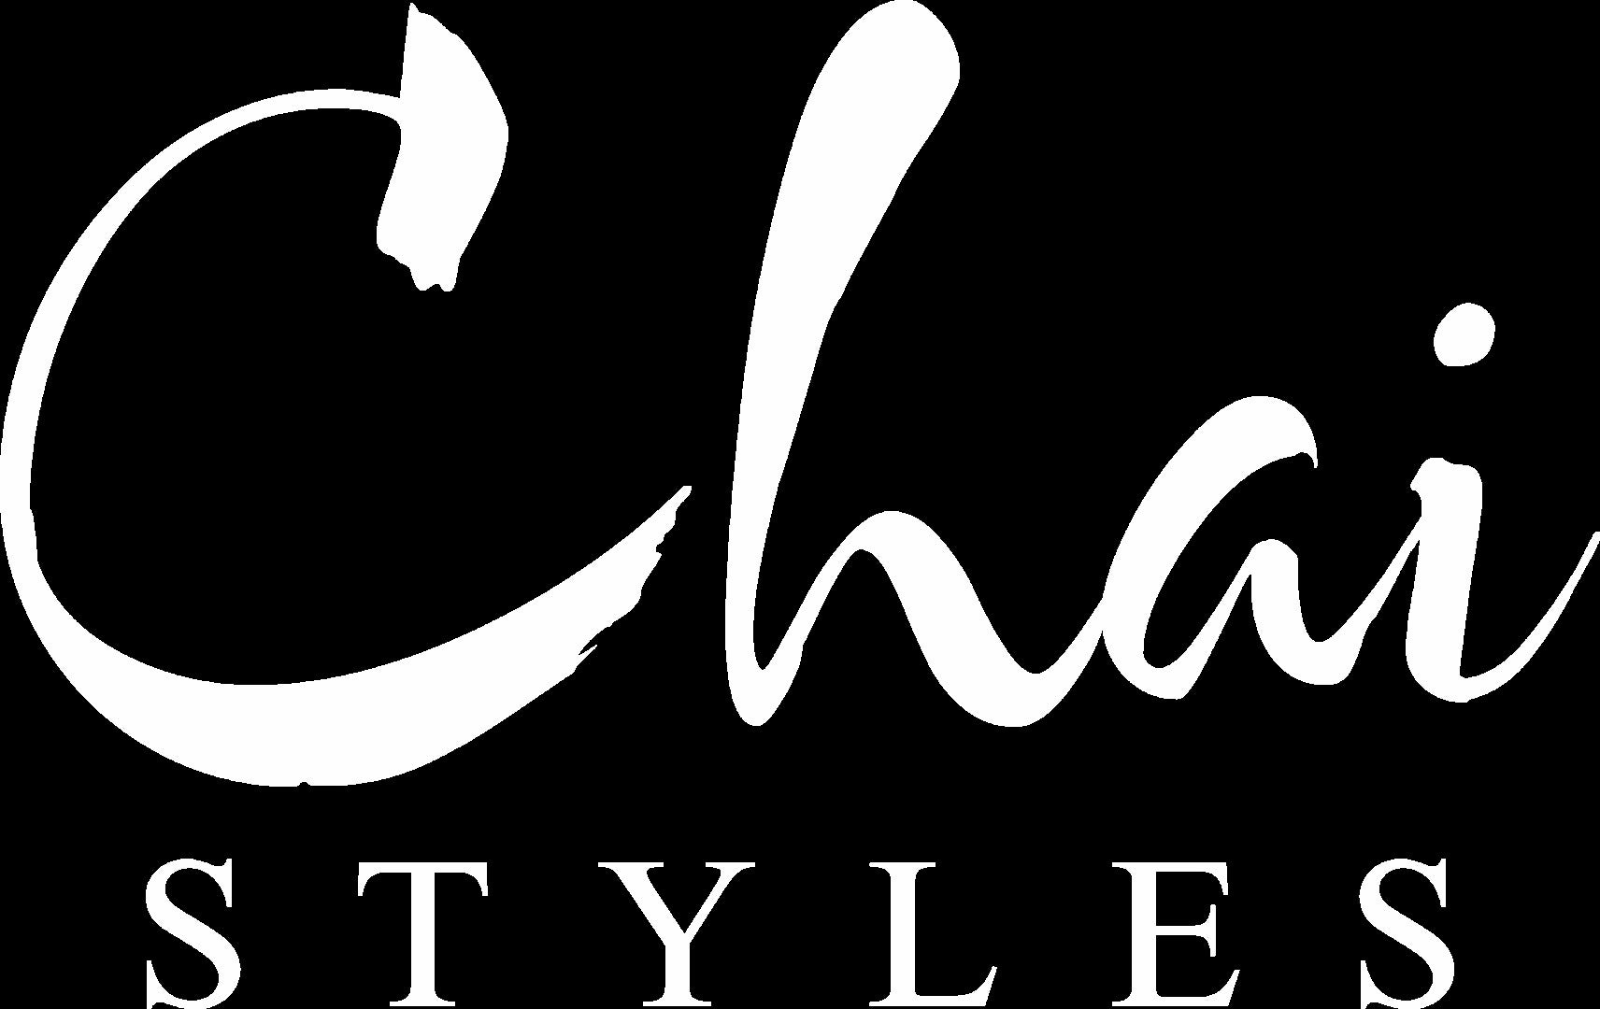 CHAIstyles